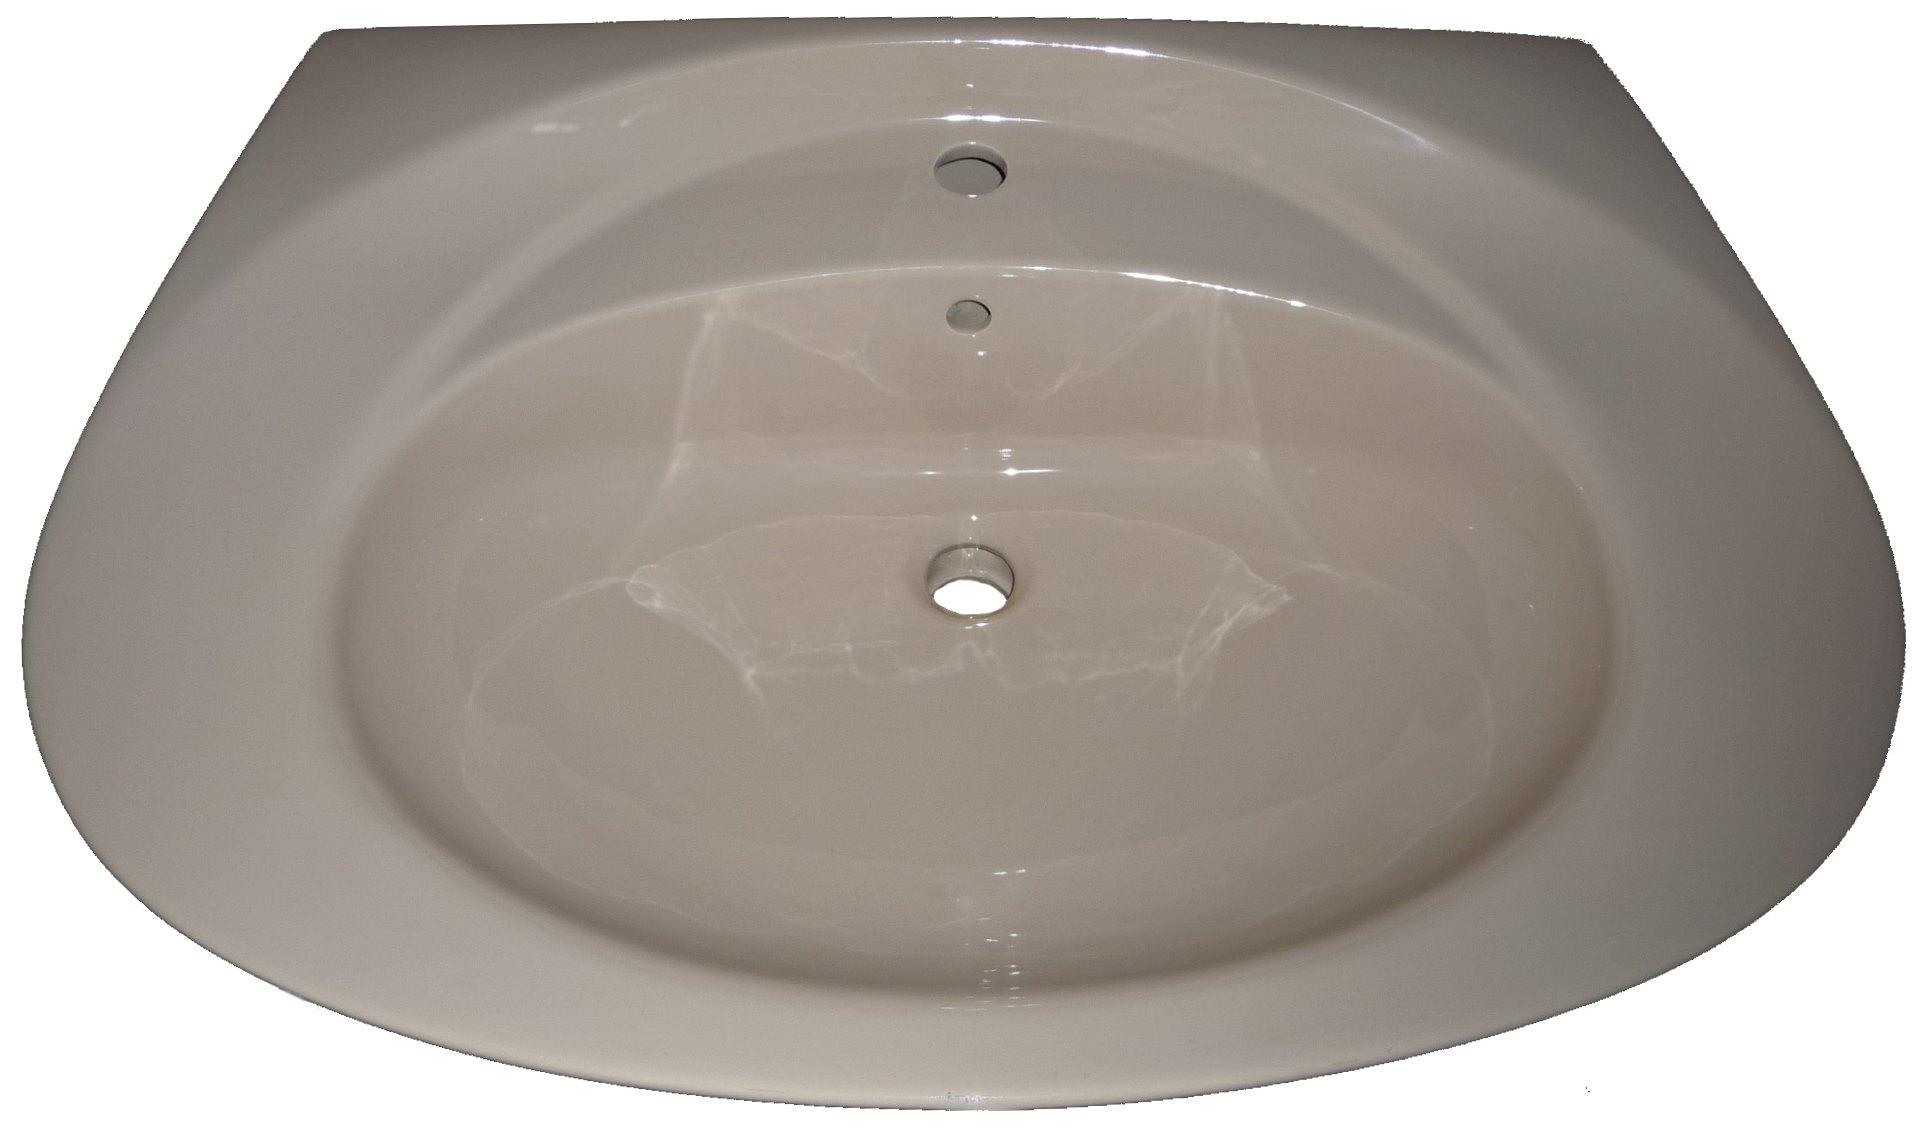 bahamabeige Waschbecken 80x54cm Warneton Bild 1